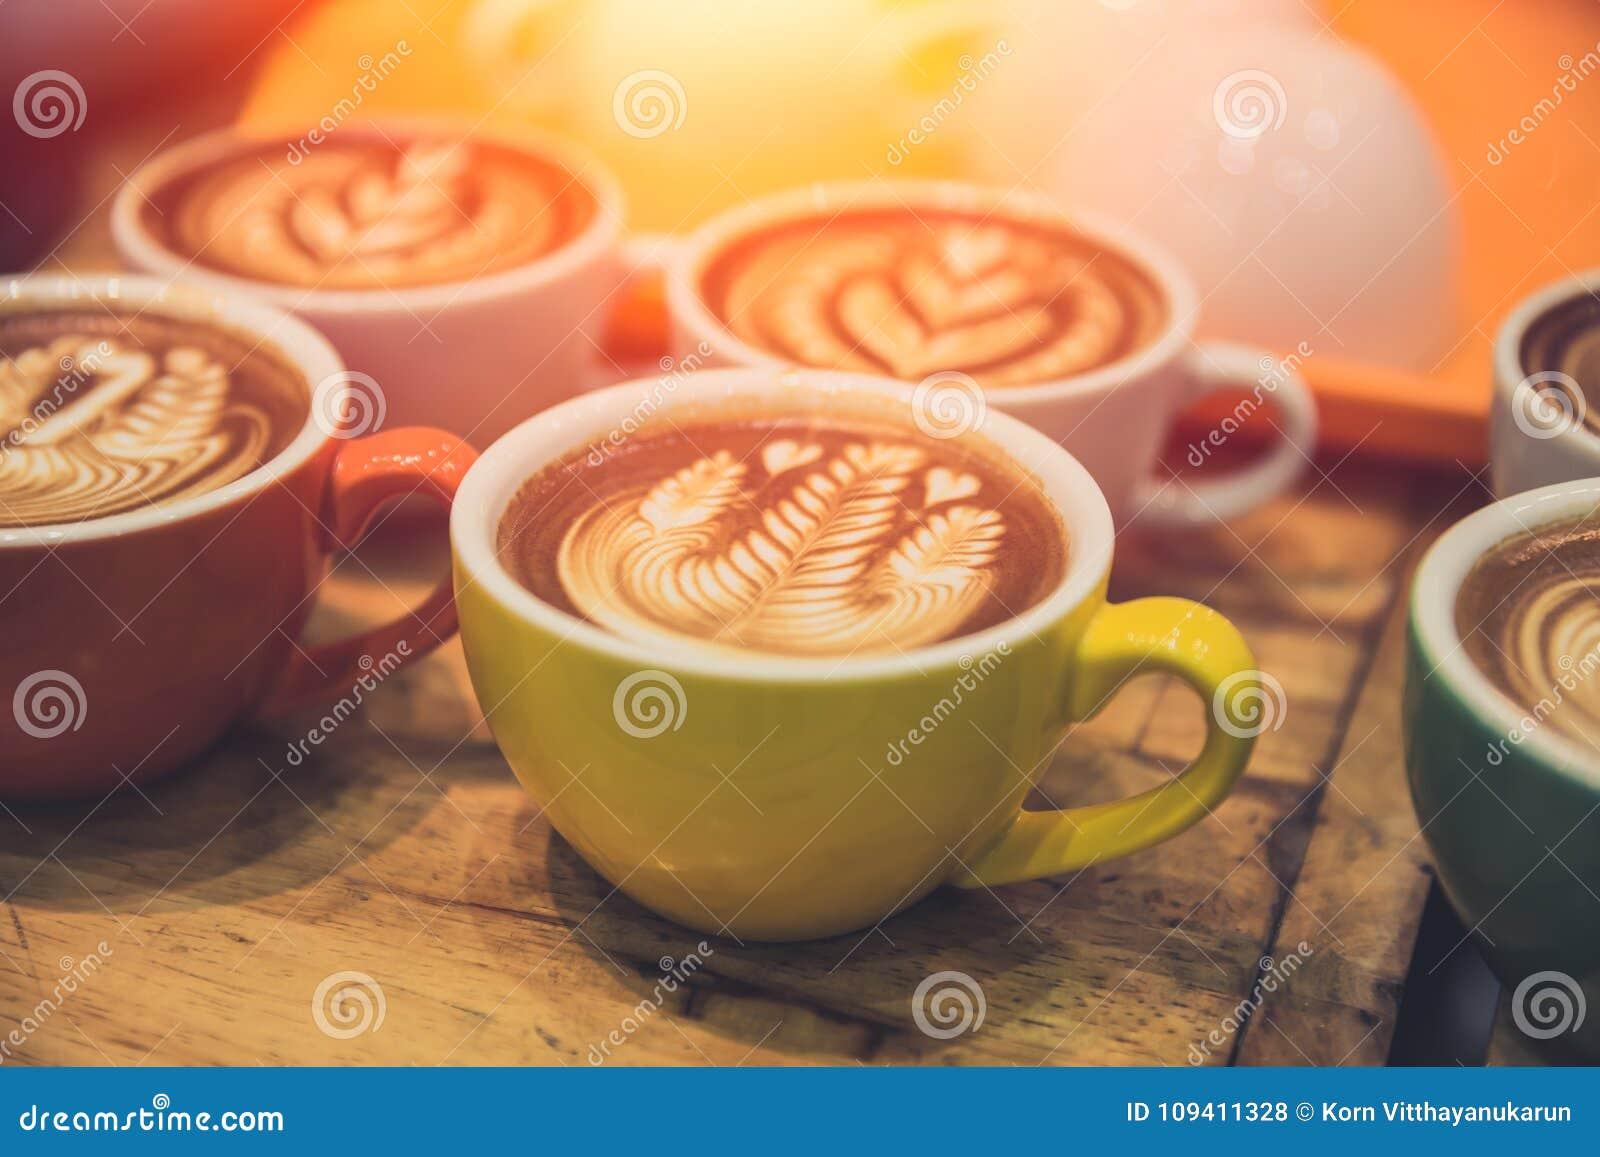 La bevanda calda popolare di arte del latte del caffè è servito sulla tavola di legno